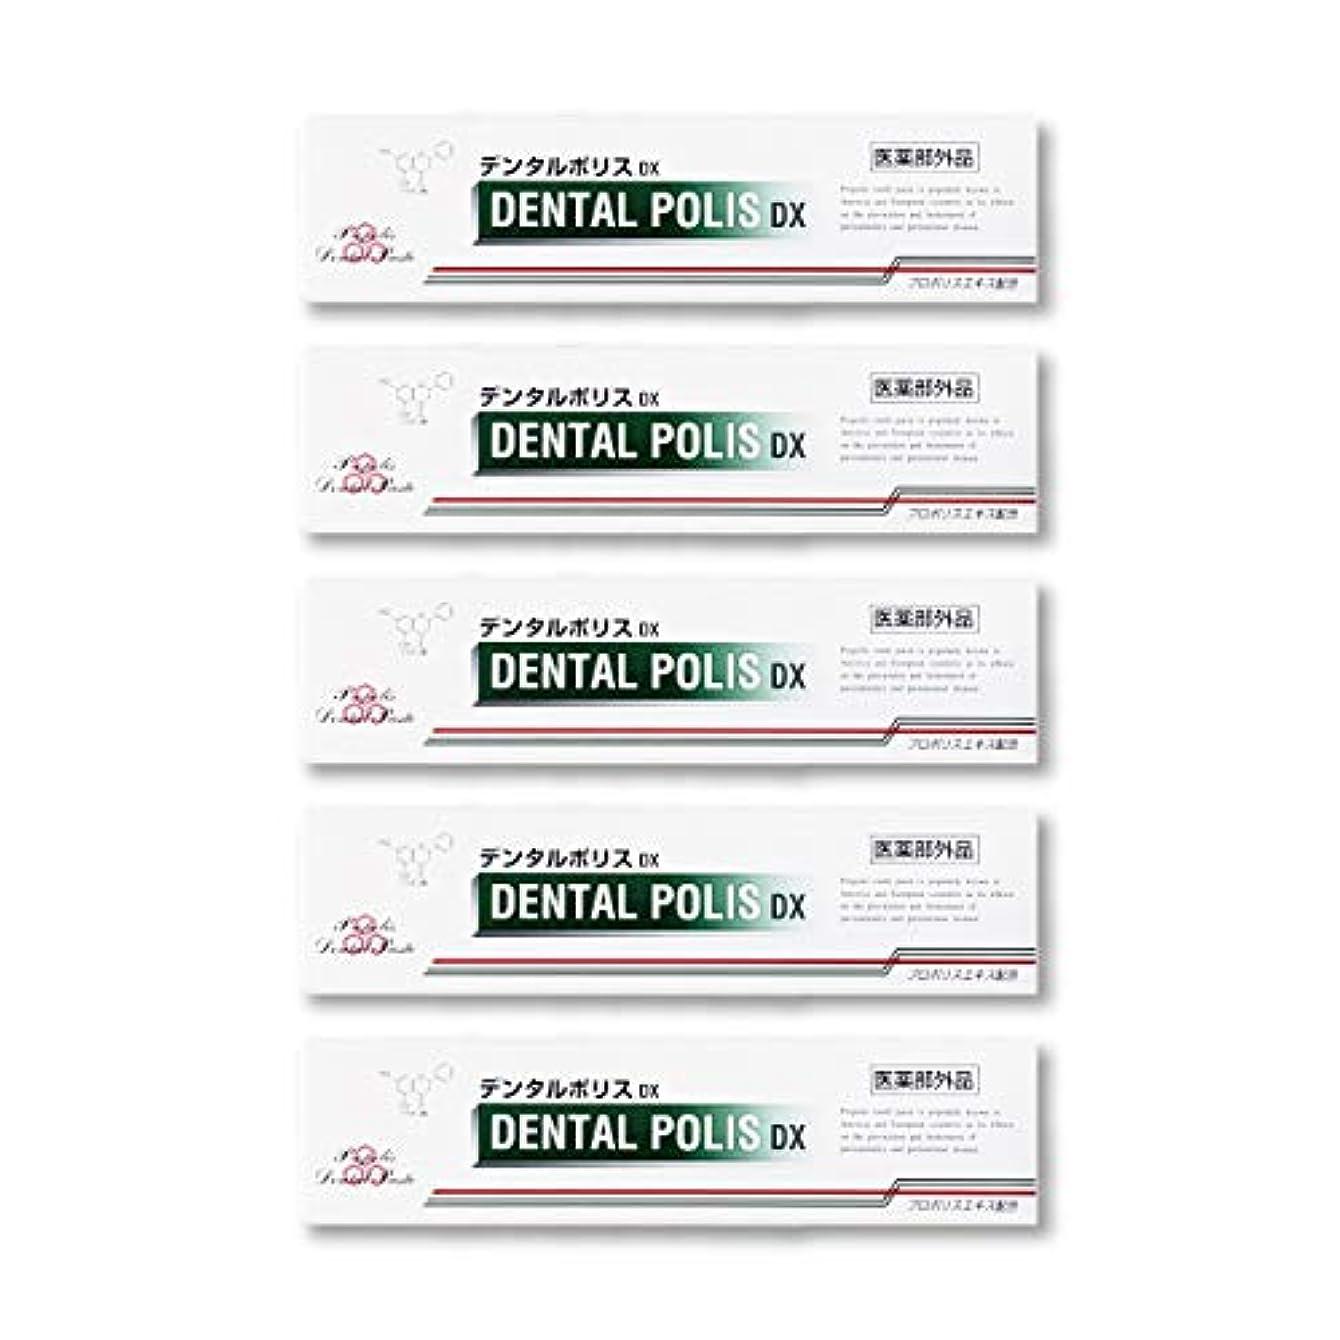 ステーキ充電バリケードデンタルポリスDX  80g   5本セット 医薬部外品  歯みがき